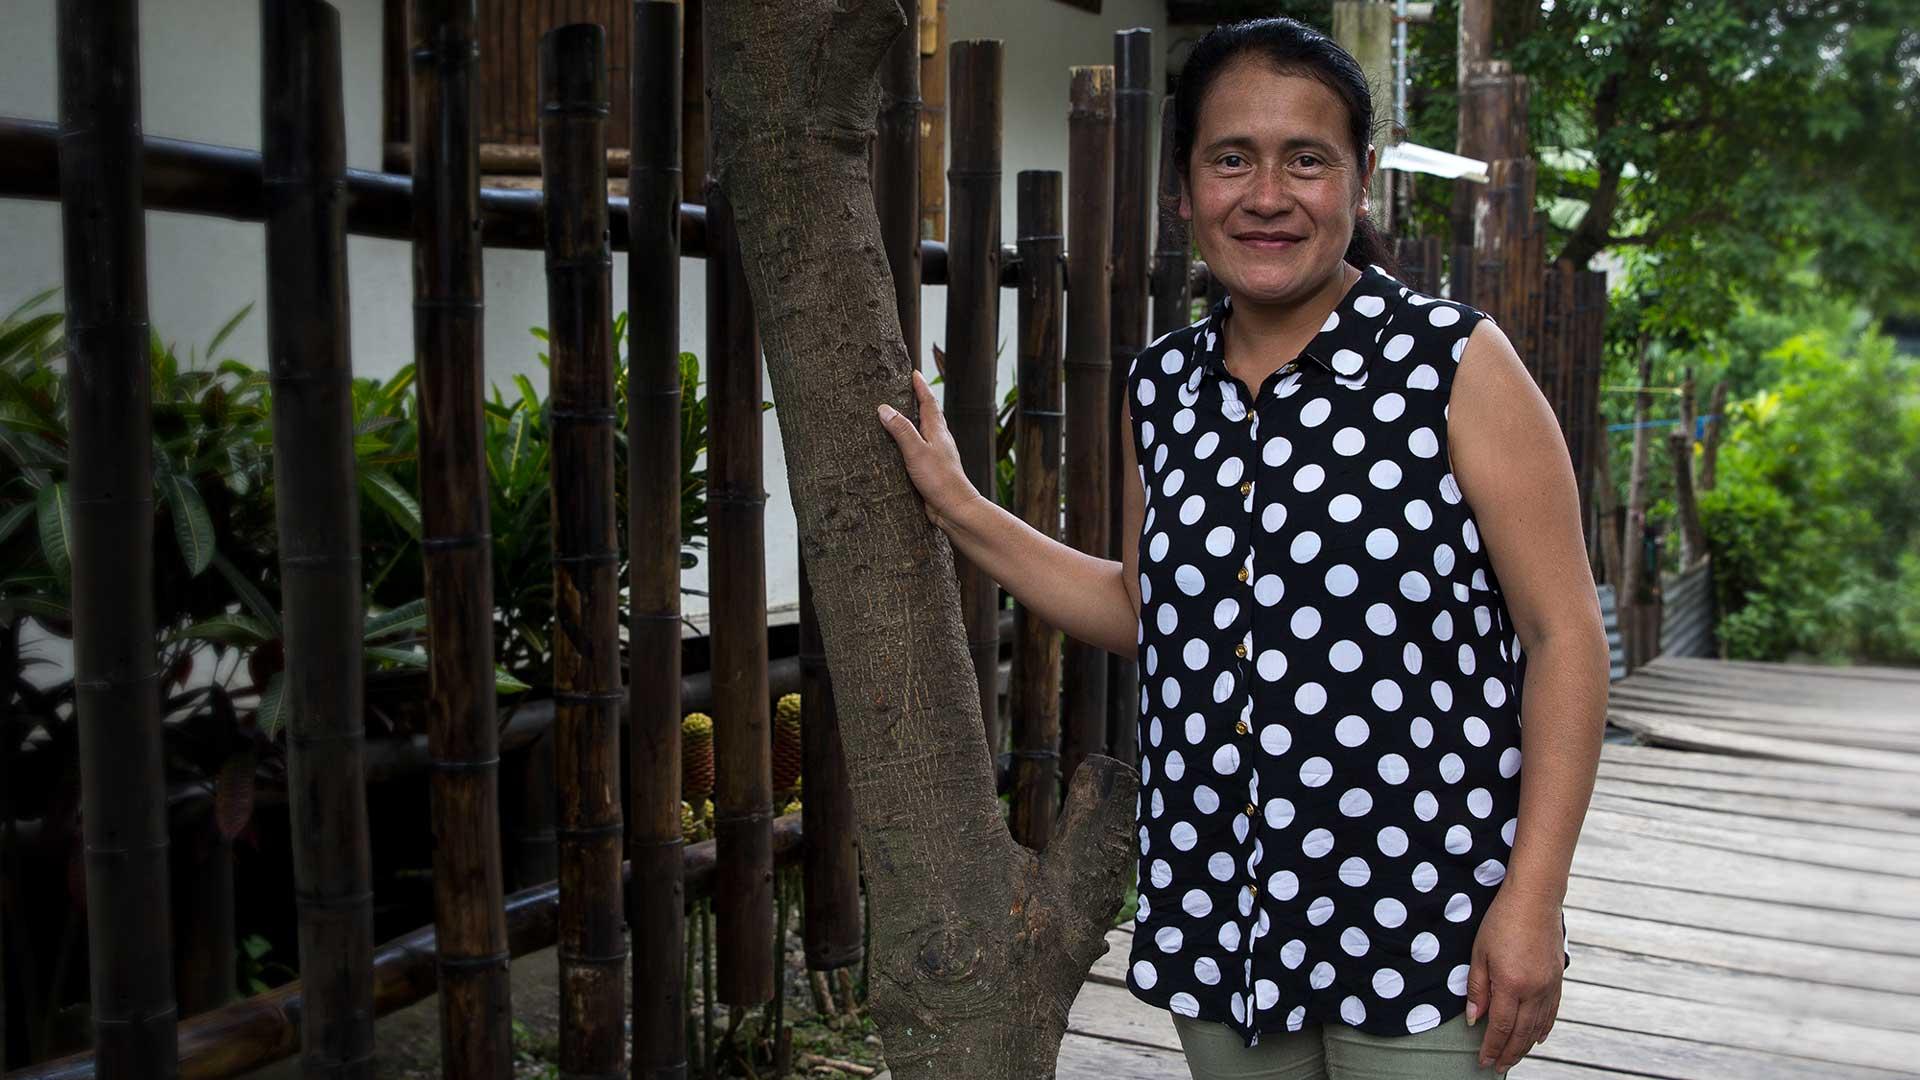 Marla leder ett småföretag som tillverkar fairtrade-smycken åt Wakami i Guatemala